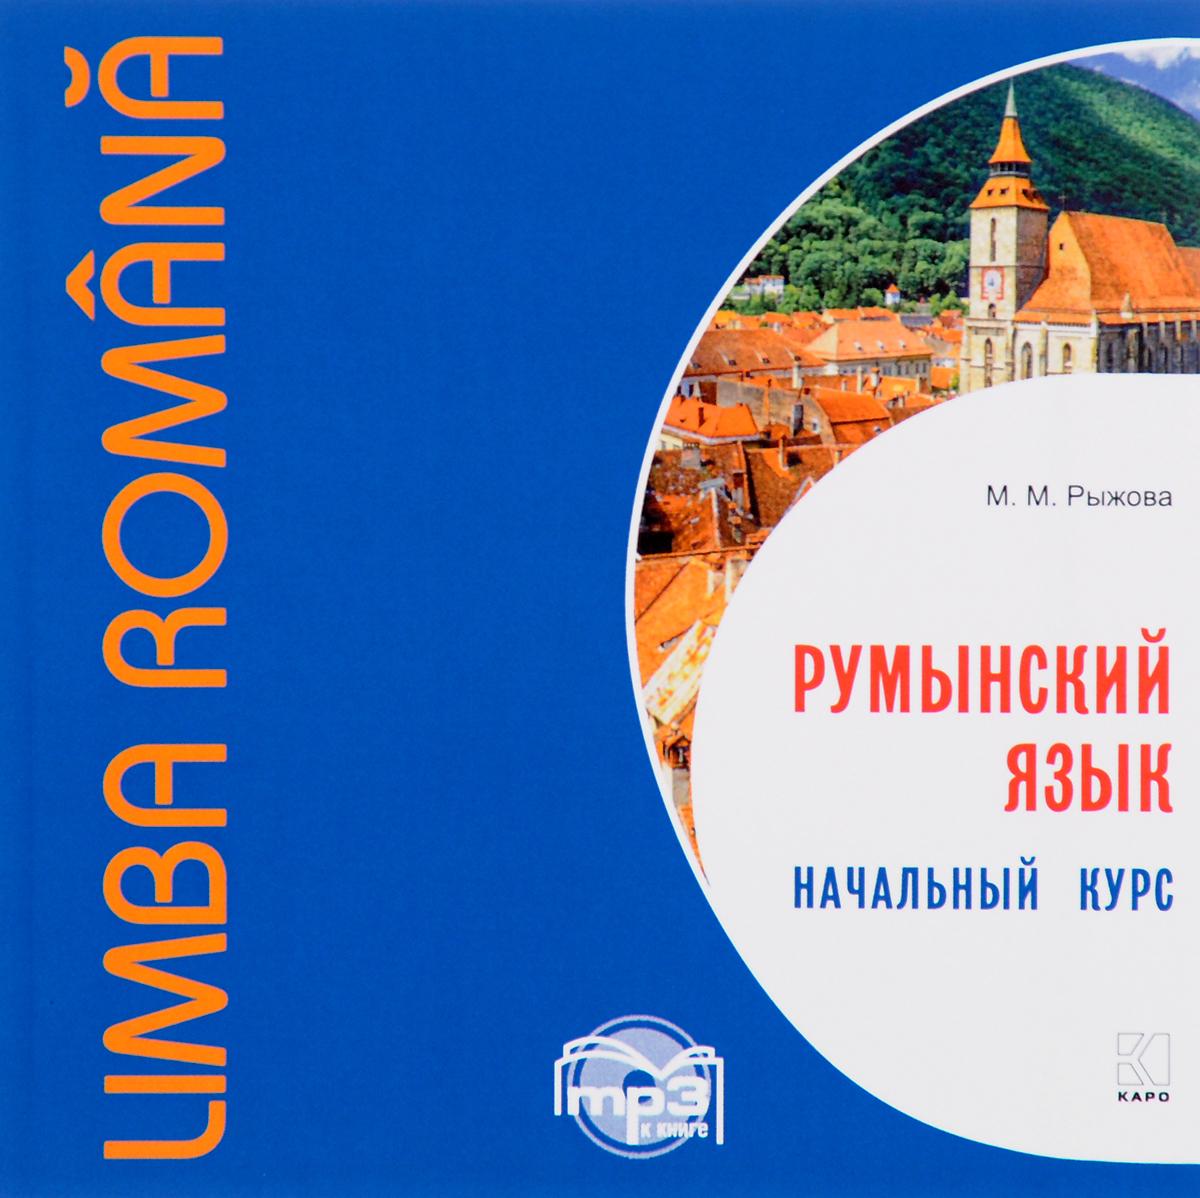 М. Рыжова Румынский язык. Начальный курс (аудиокурс MP3)